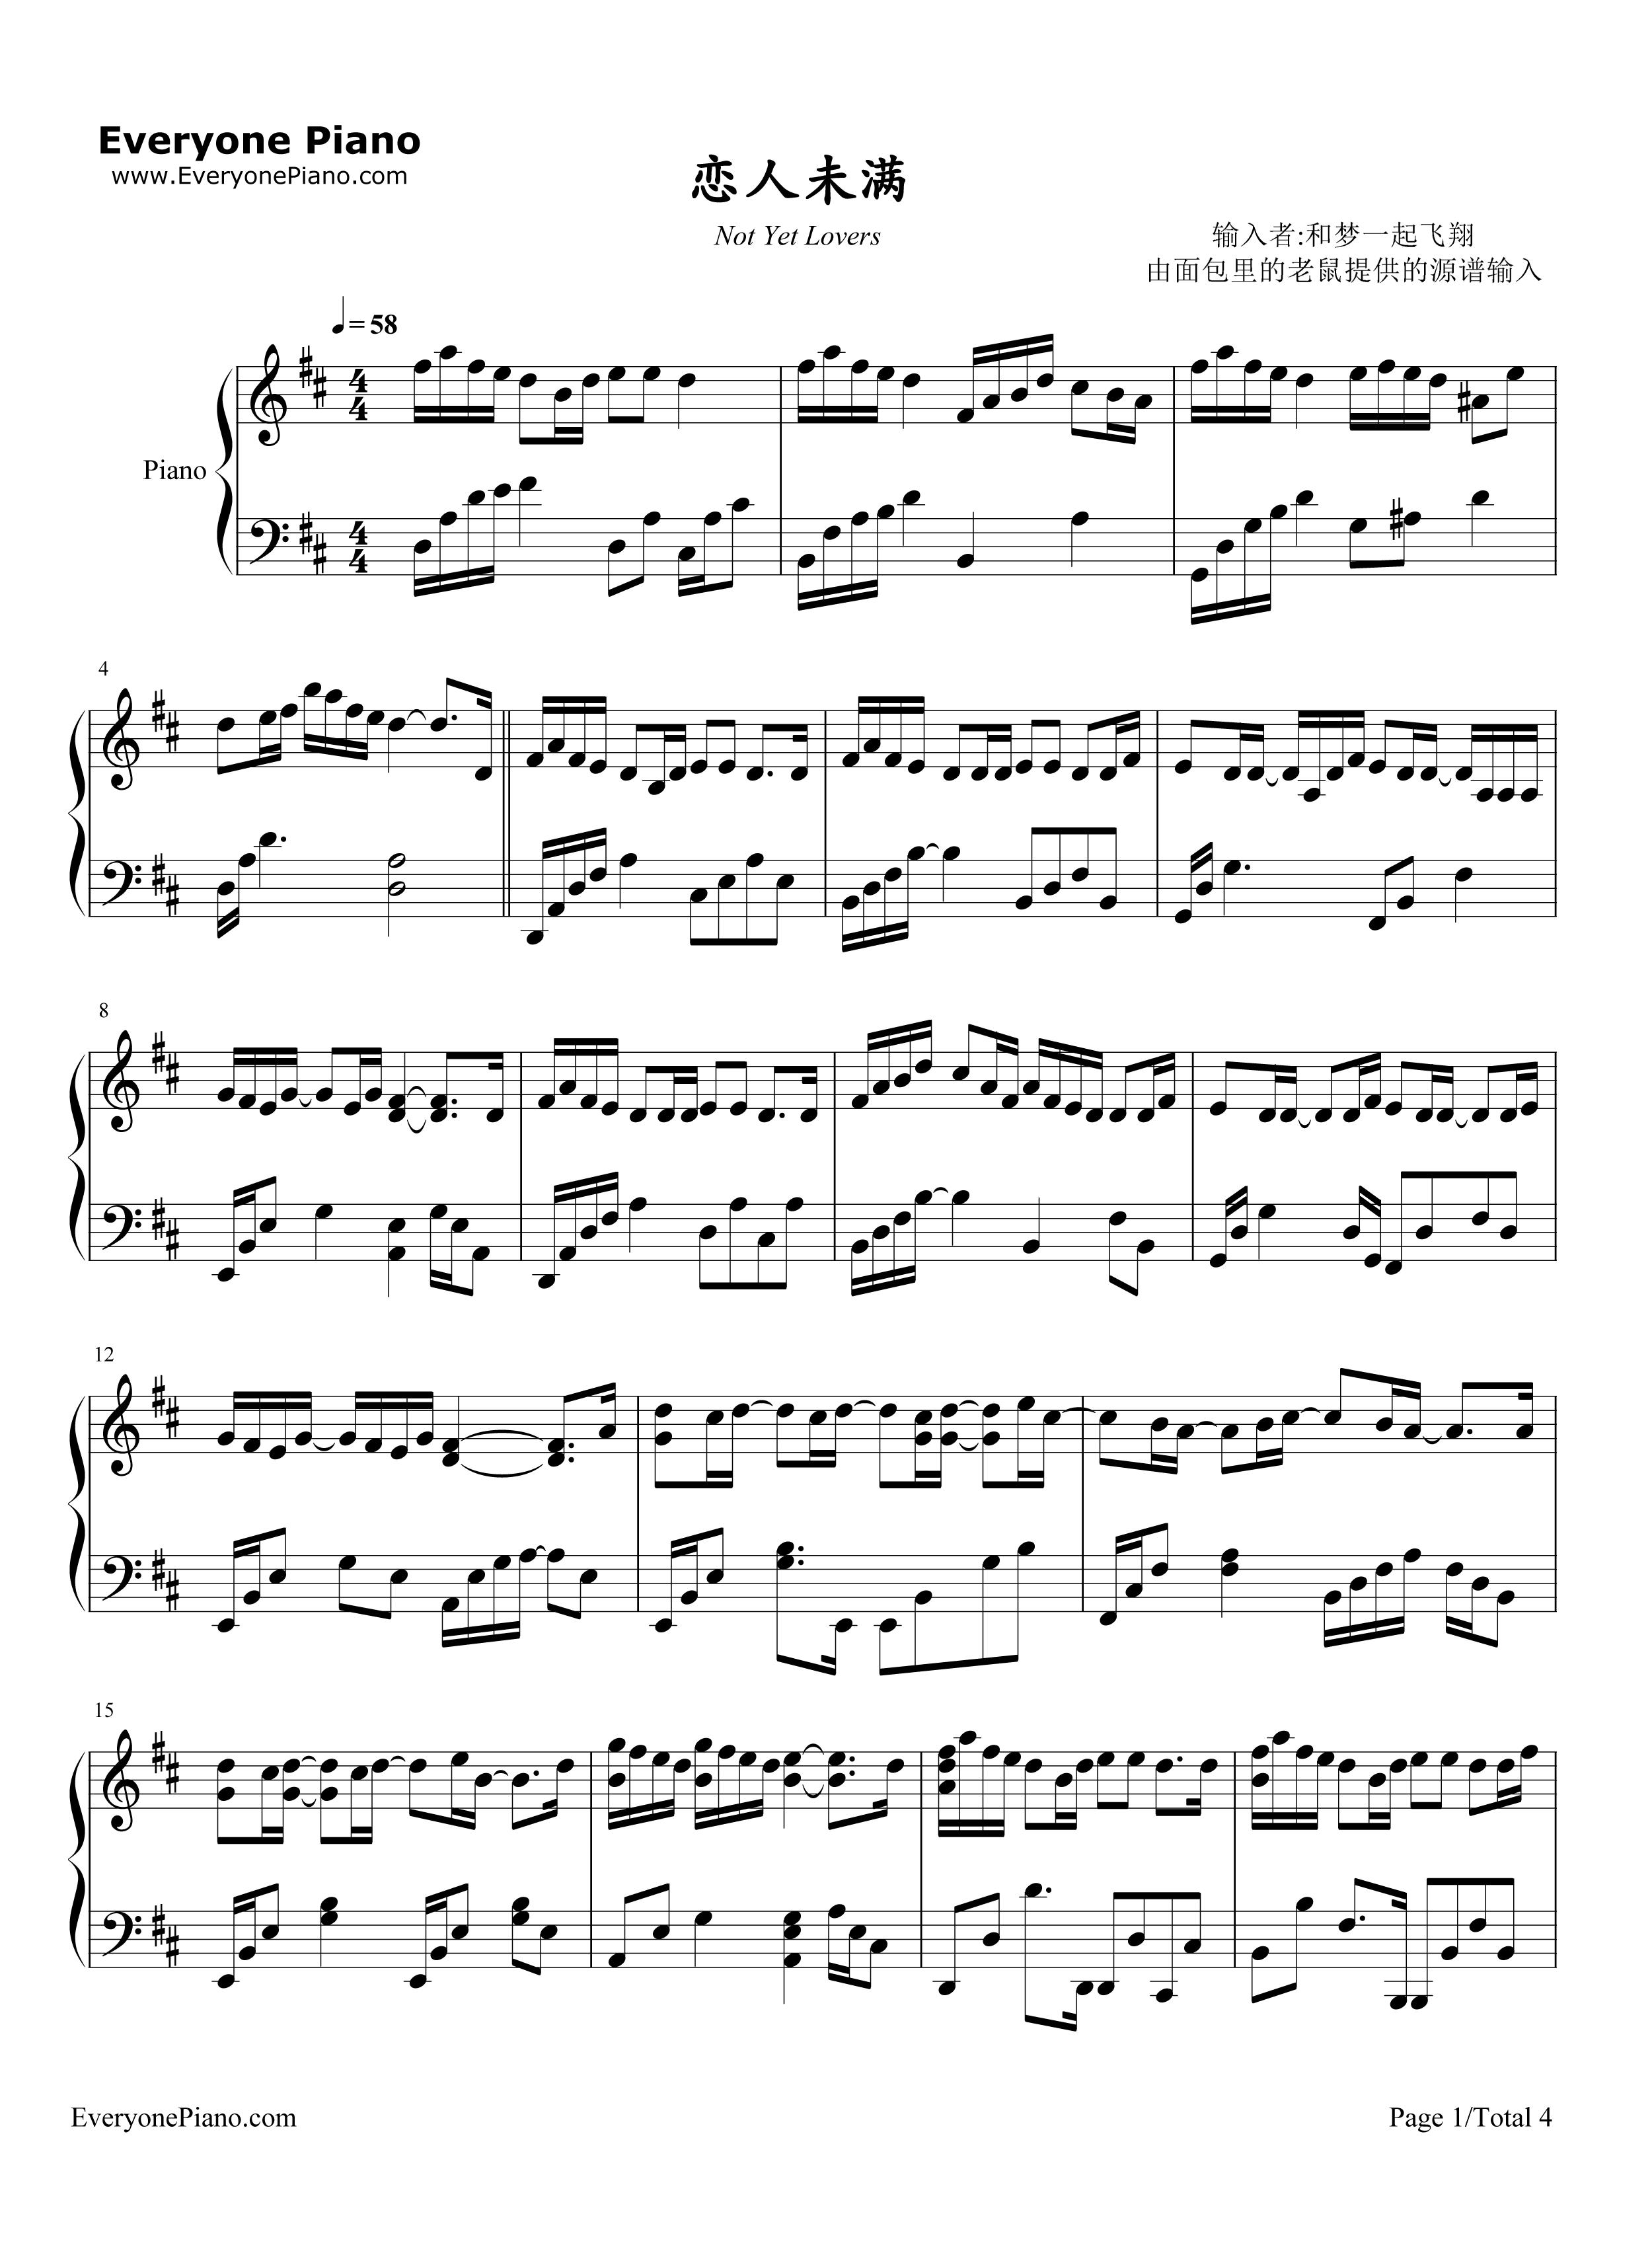 钢琴曲谱 流行 恋人未满-s.h.e 恋人未满-s.h.e五线谱预览1图片